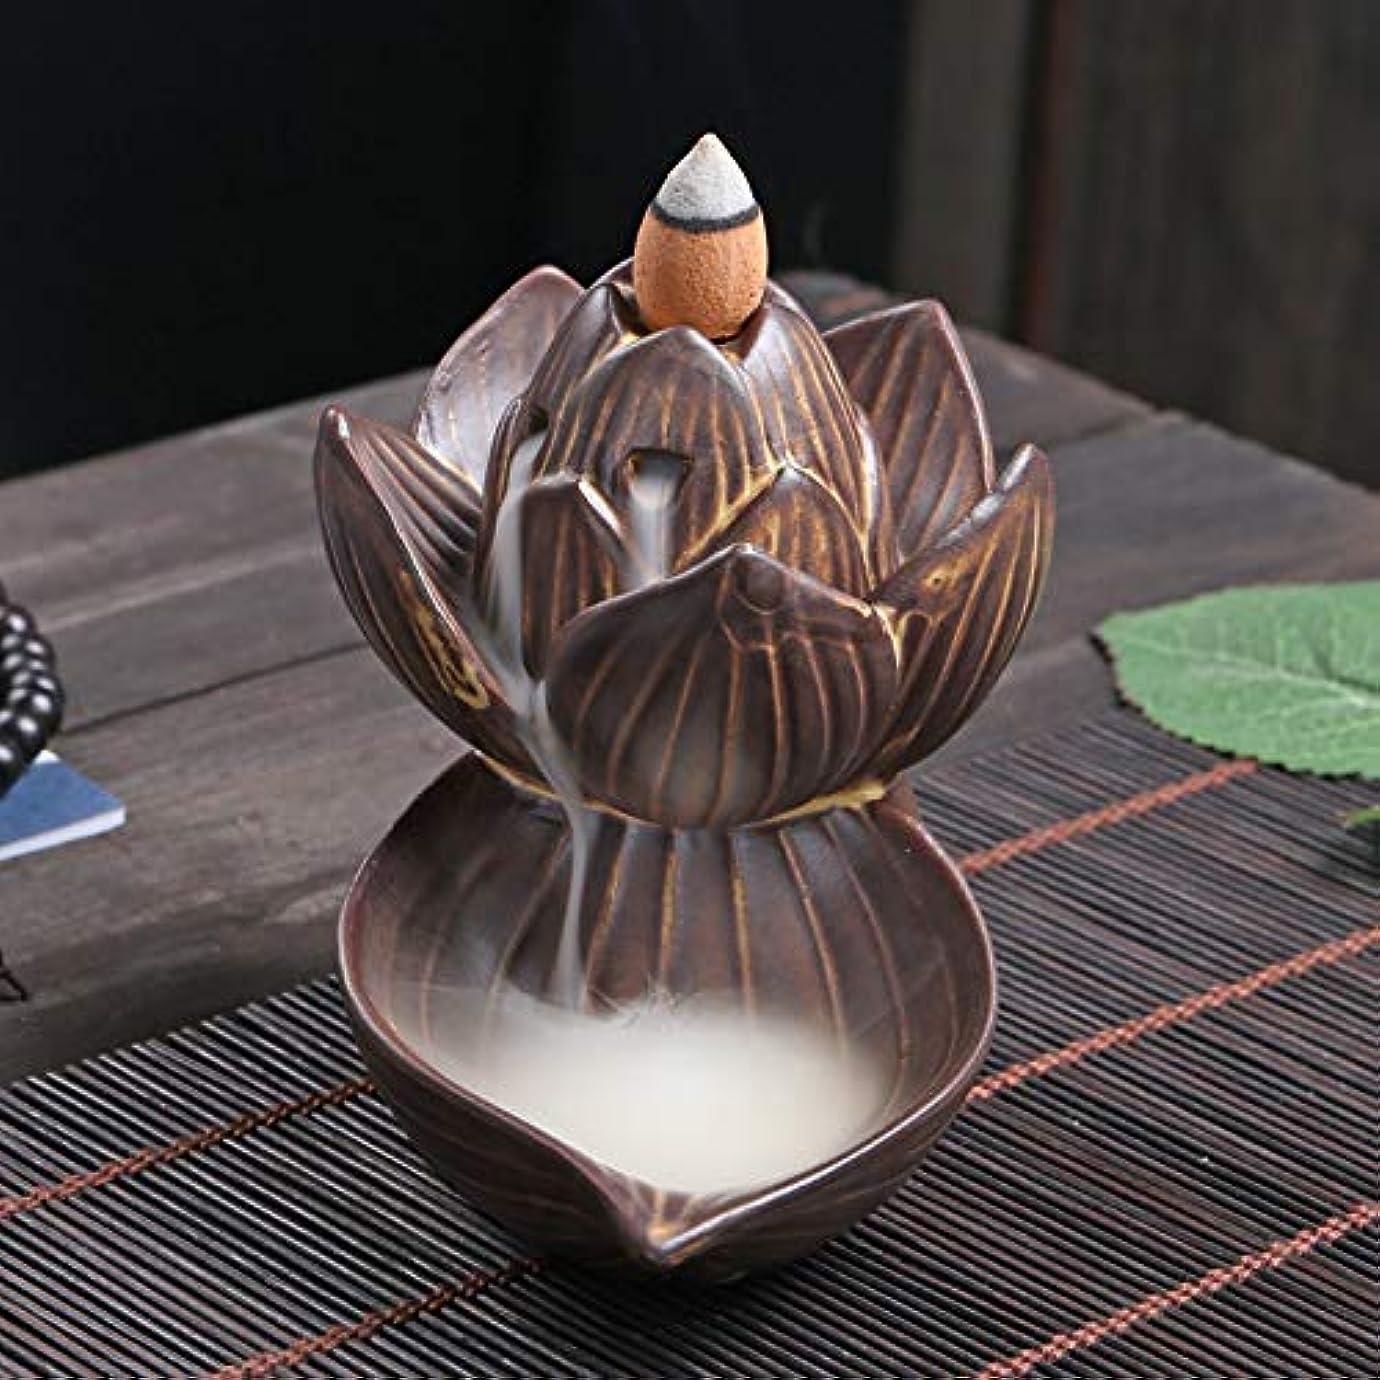 ブランドキャラクター非アクティブPHILOGOD 逆流香炉 陶器ロータススタイリング香炉 工芸品お香 ホルダー 香立て逆流香 香皿 (large lotus)